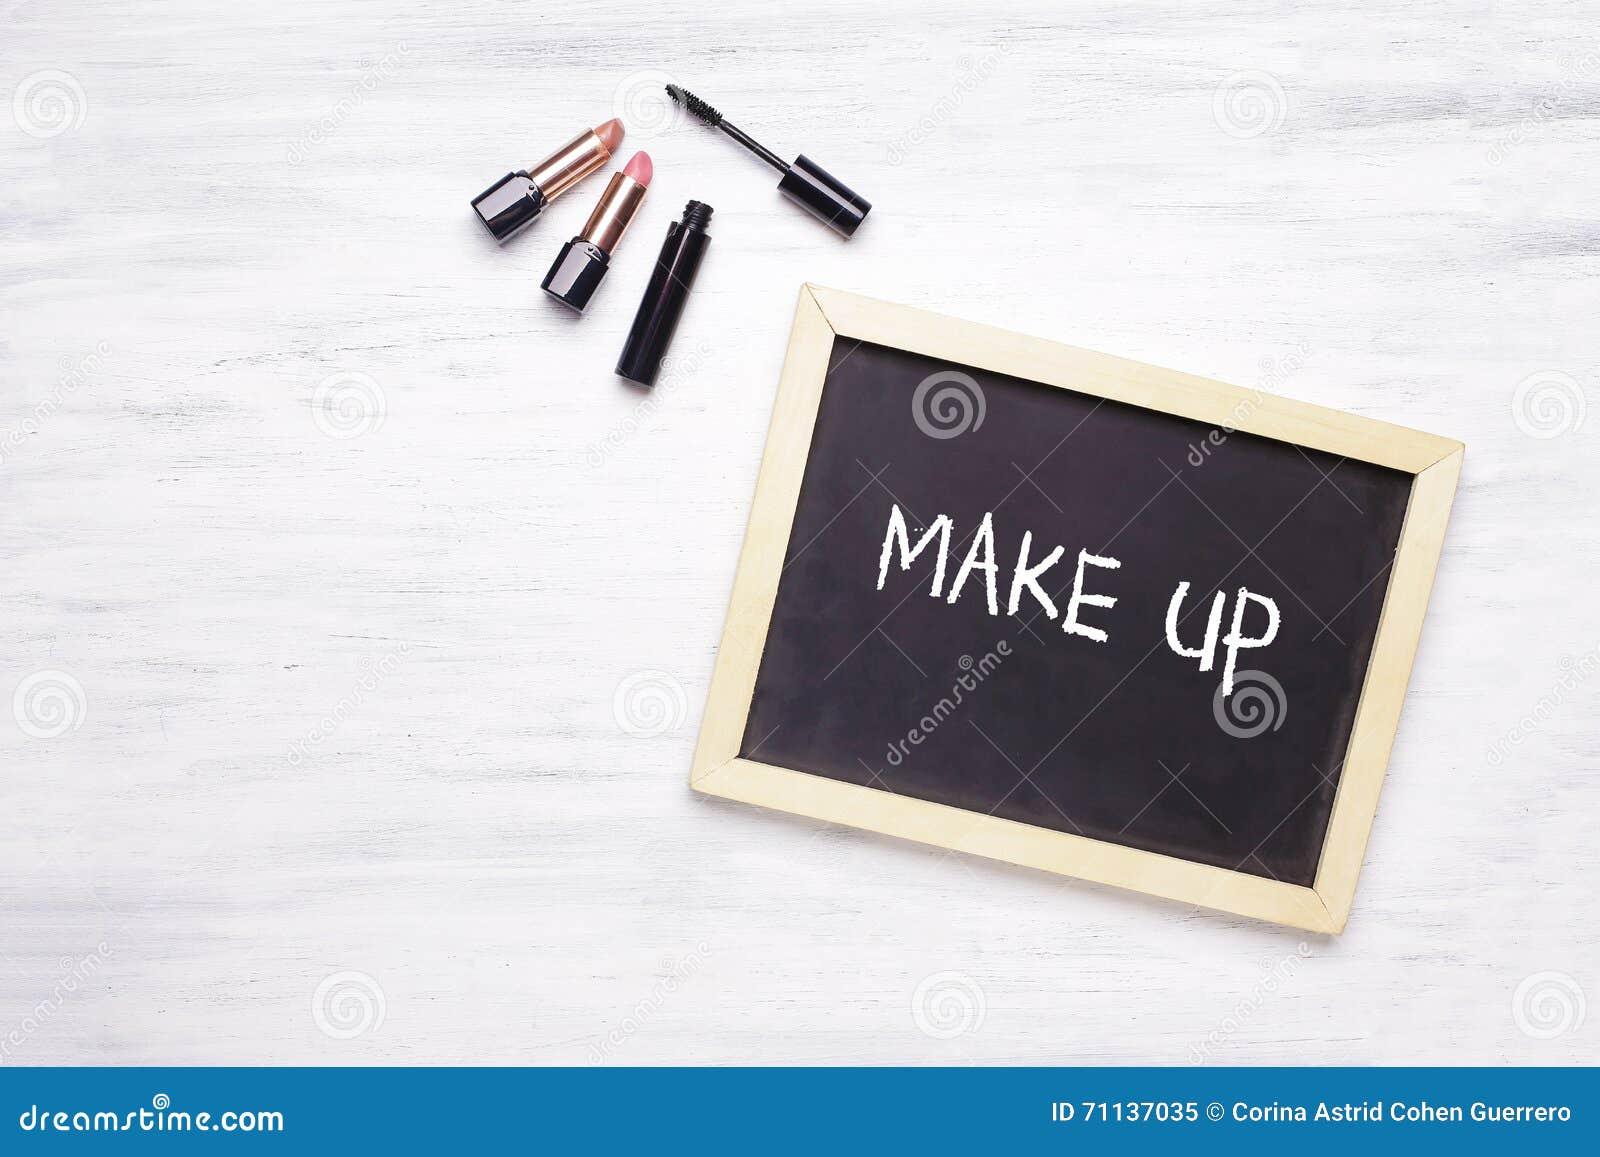 Make Up Tafel : Tafel mit make up an geschrieben auf es und kosmetische produkte